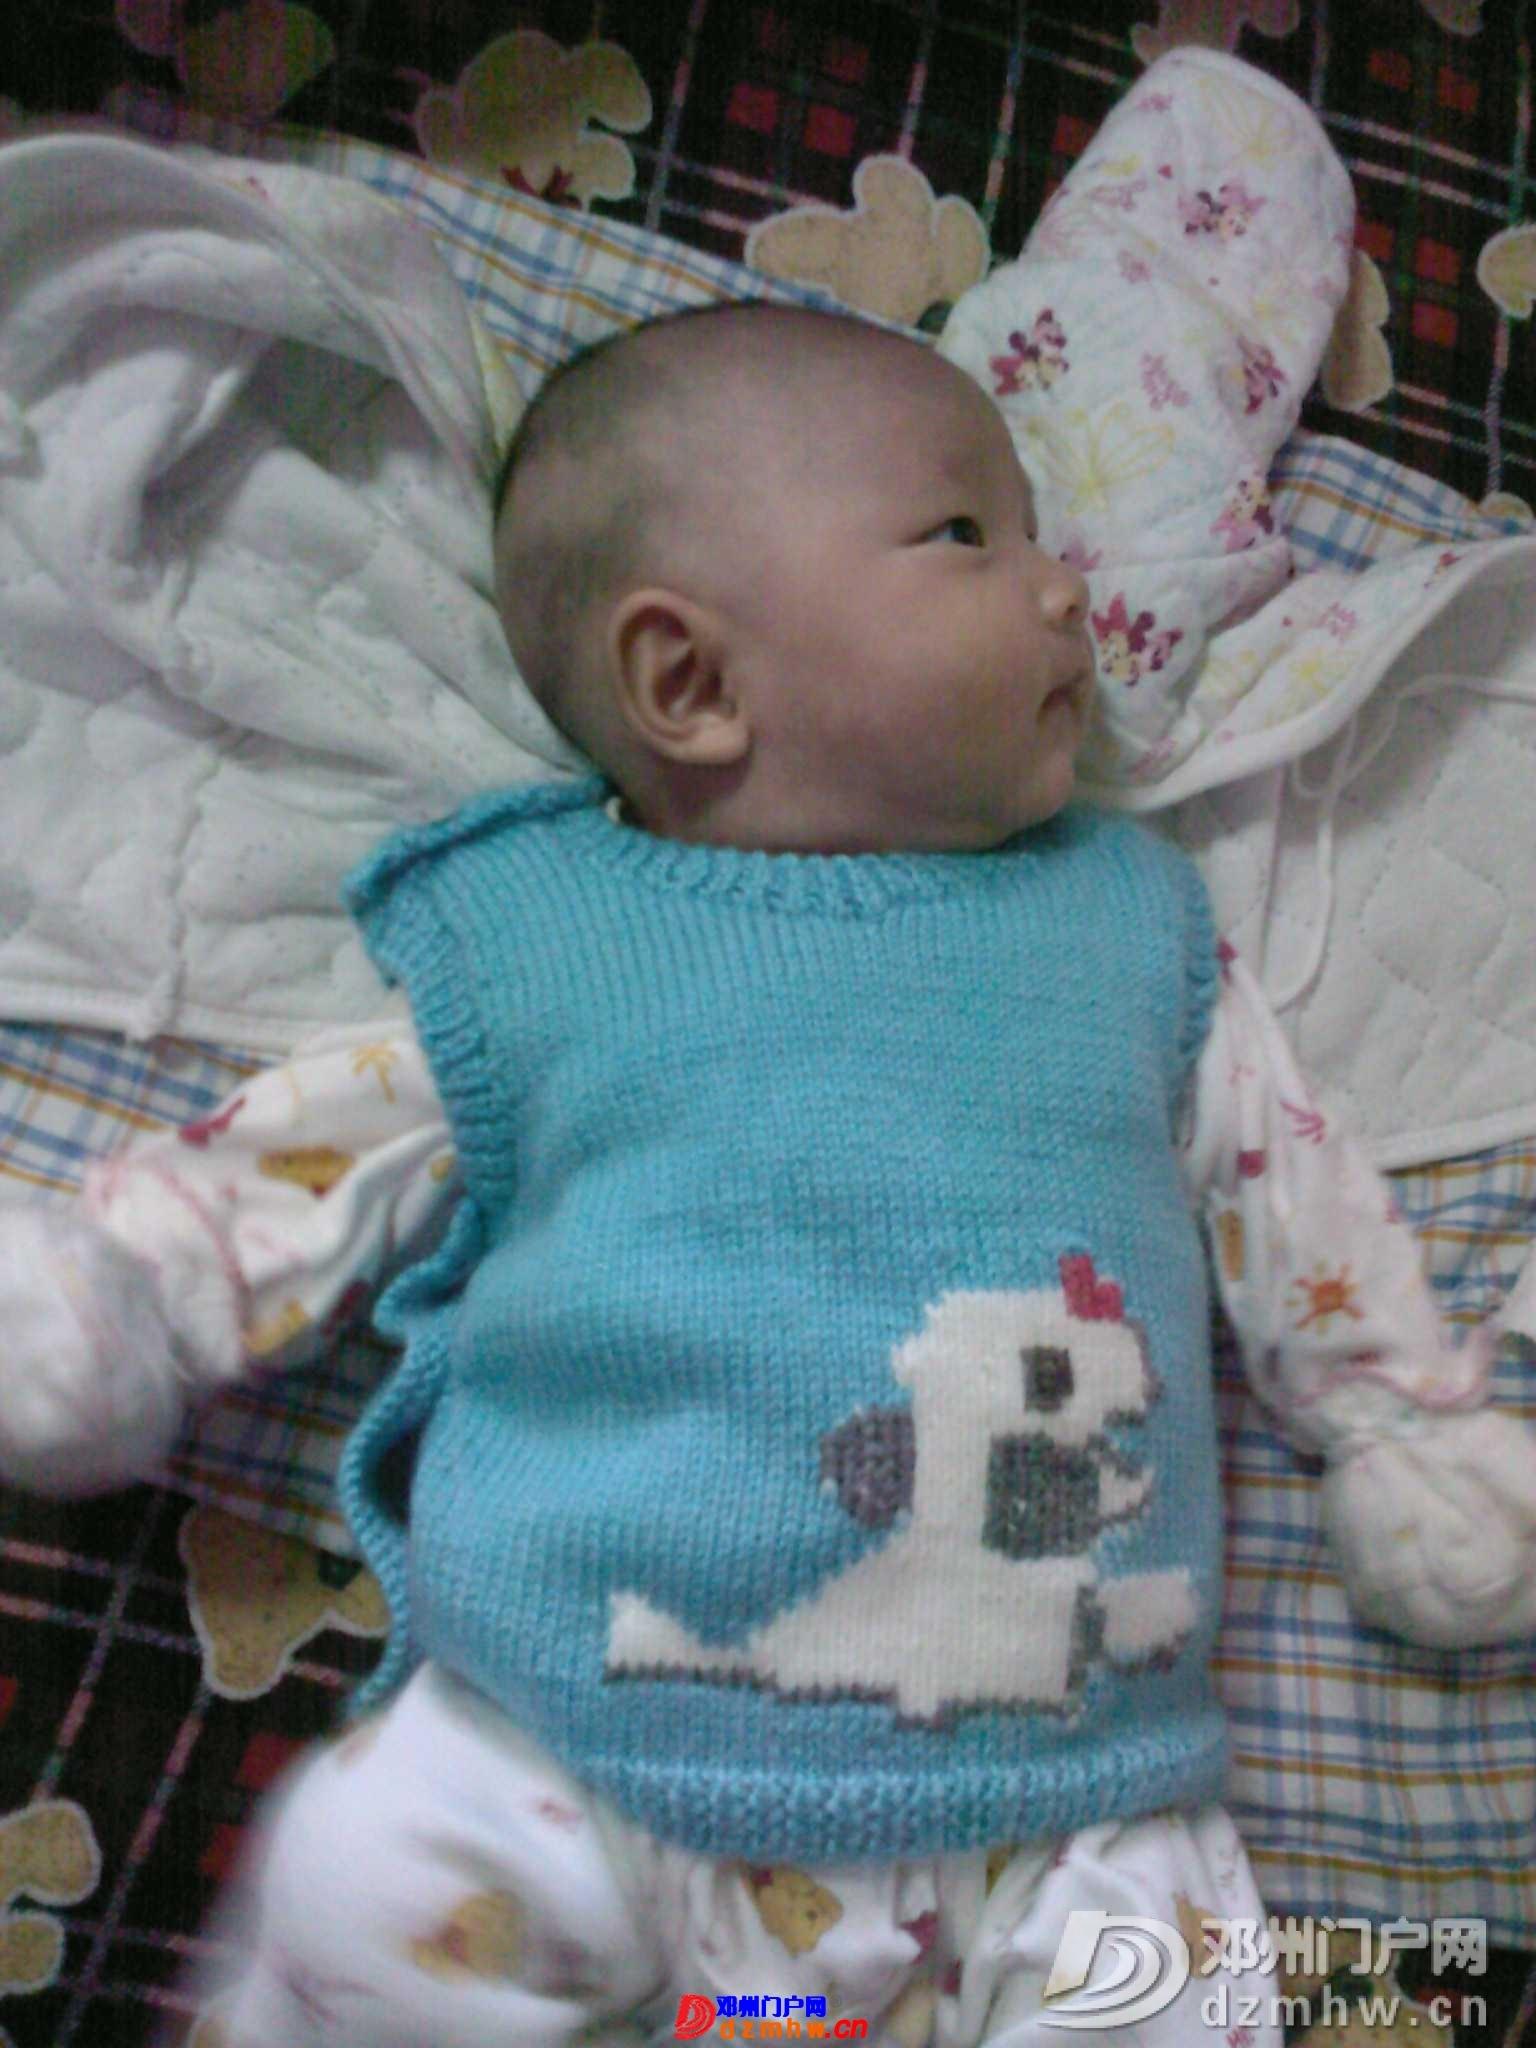 我的宝宝四十六天了,来晒一晒,看谁认识,呵呵 - 邓州门户网|邓州网 - 1b01958q15ef8.jpg